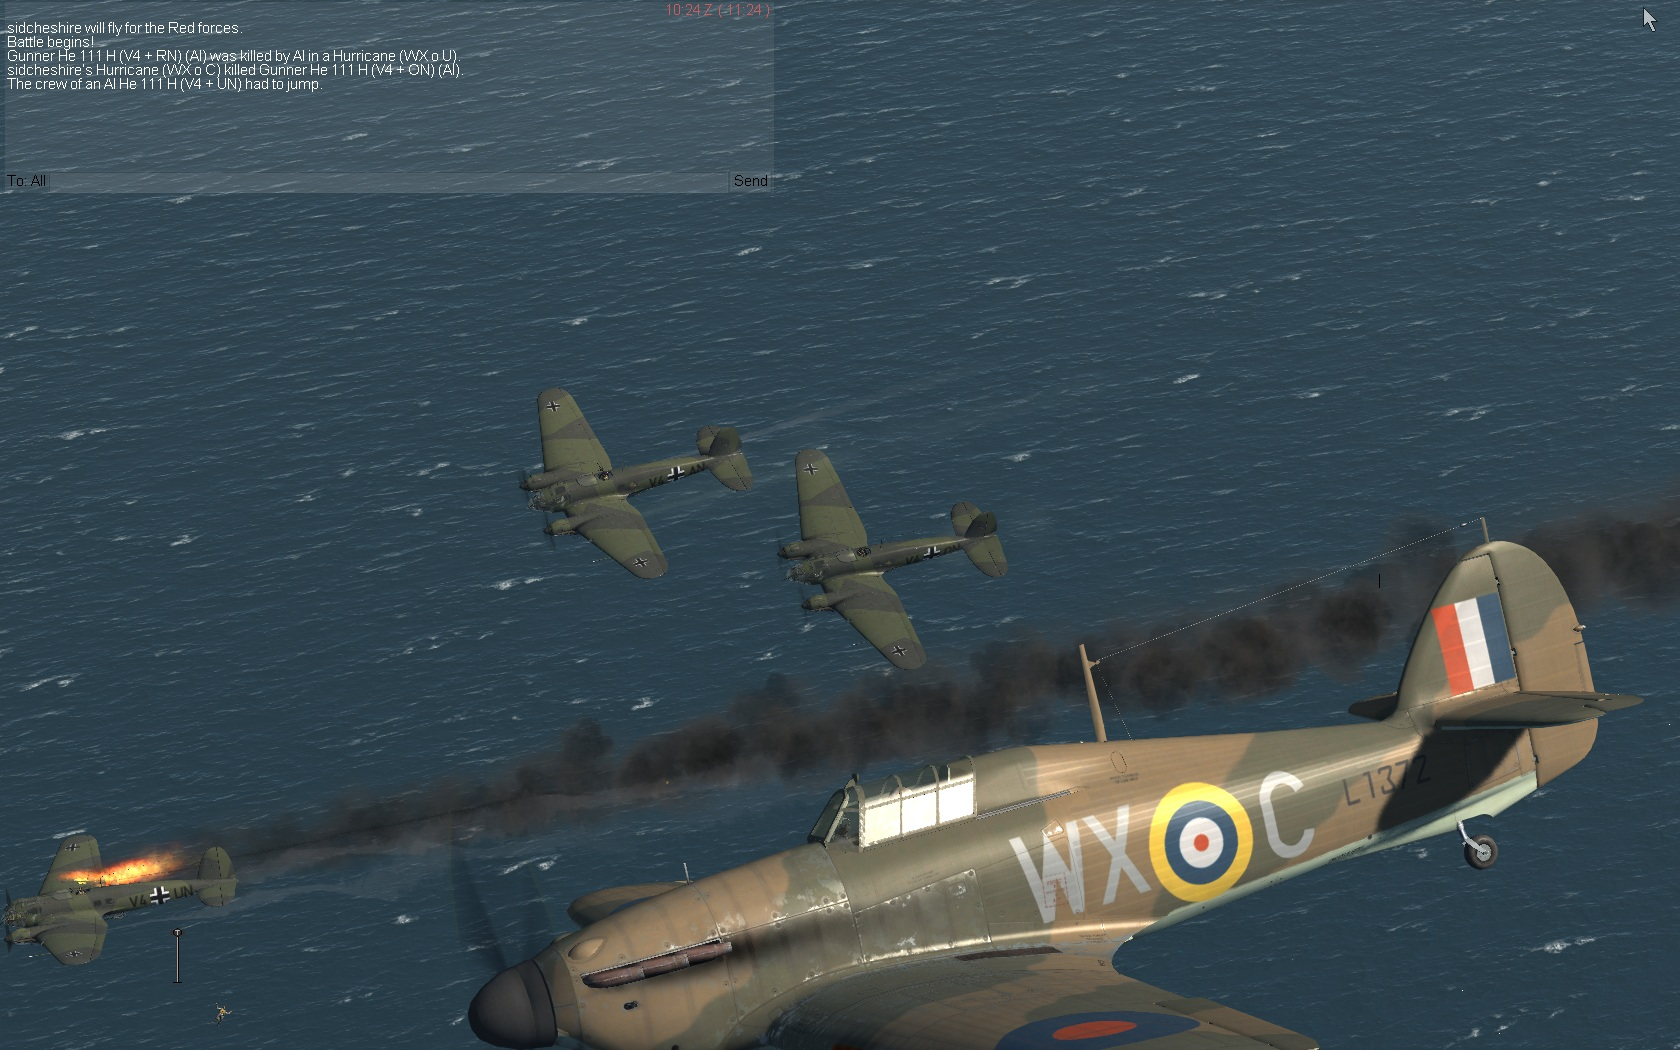 Bomber intercept